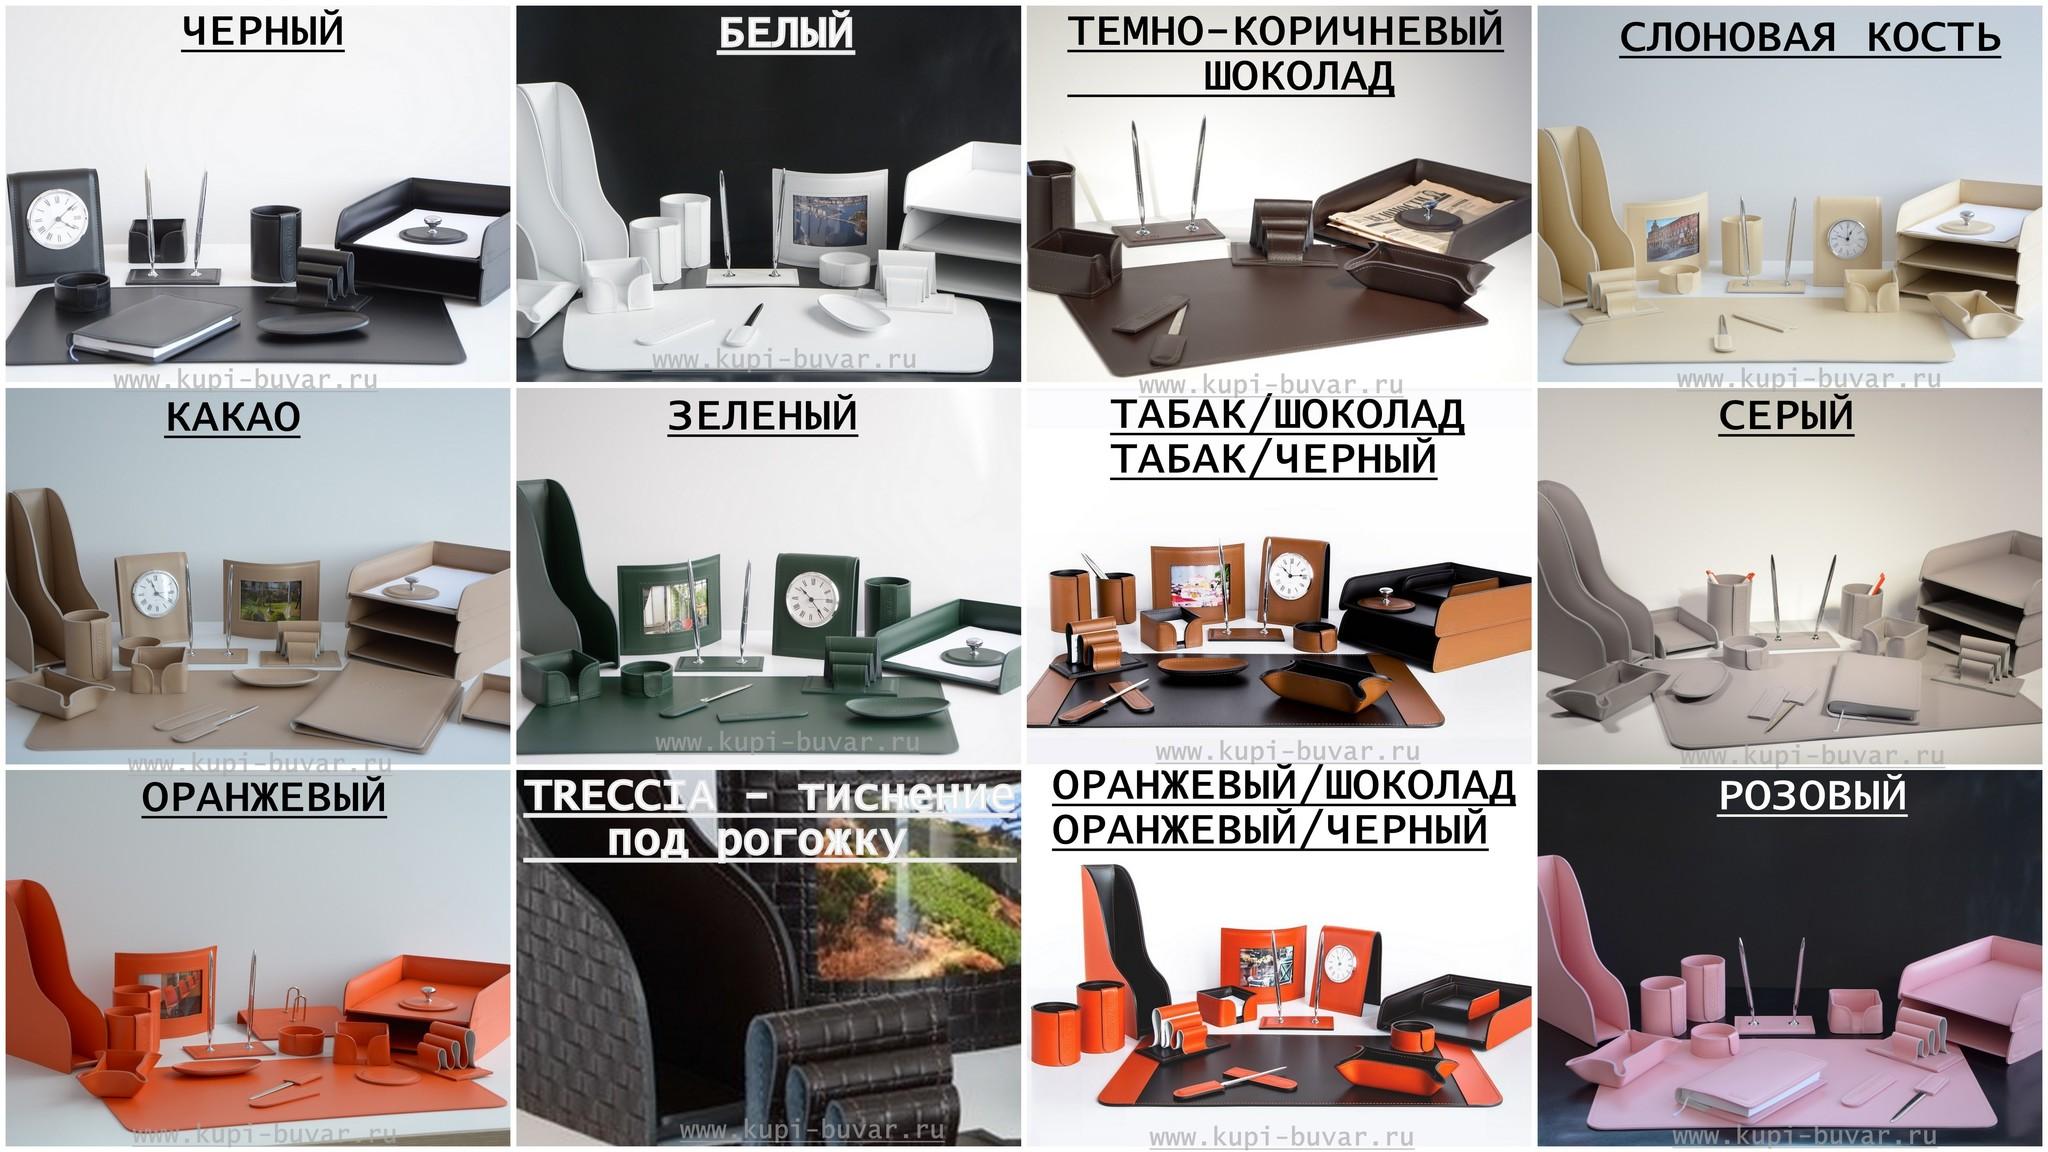 Набор на стол руководителя арт.90510 - 3 предмета